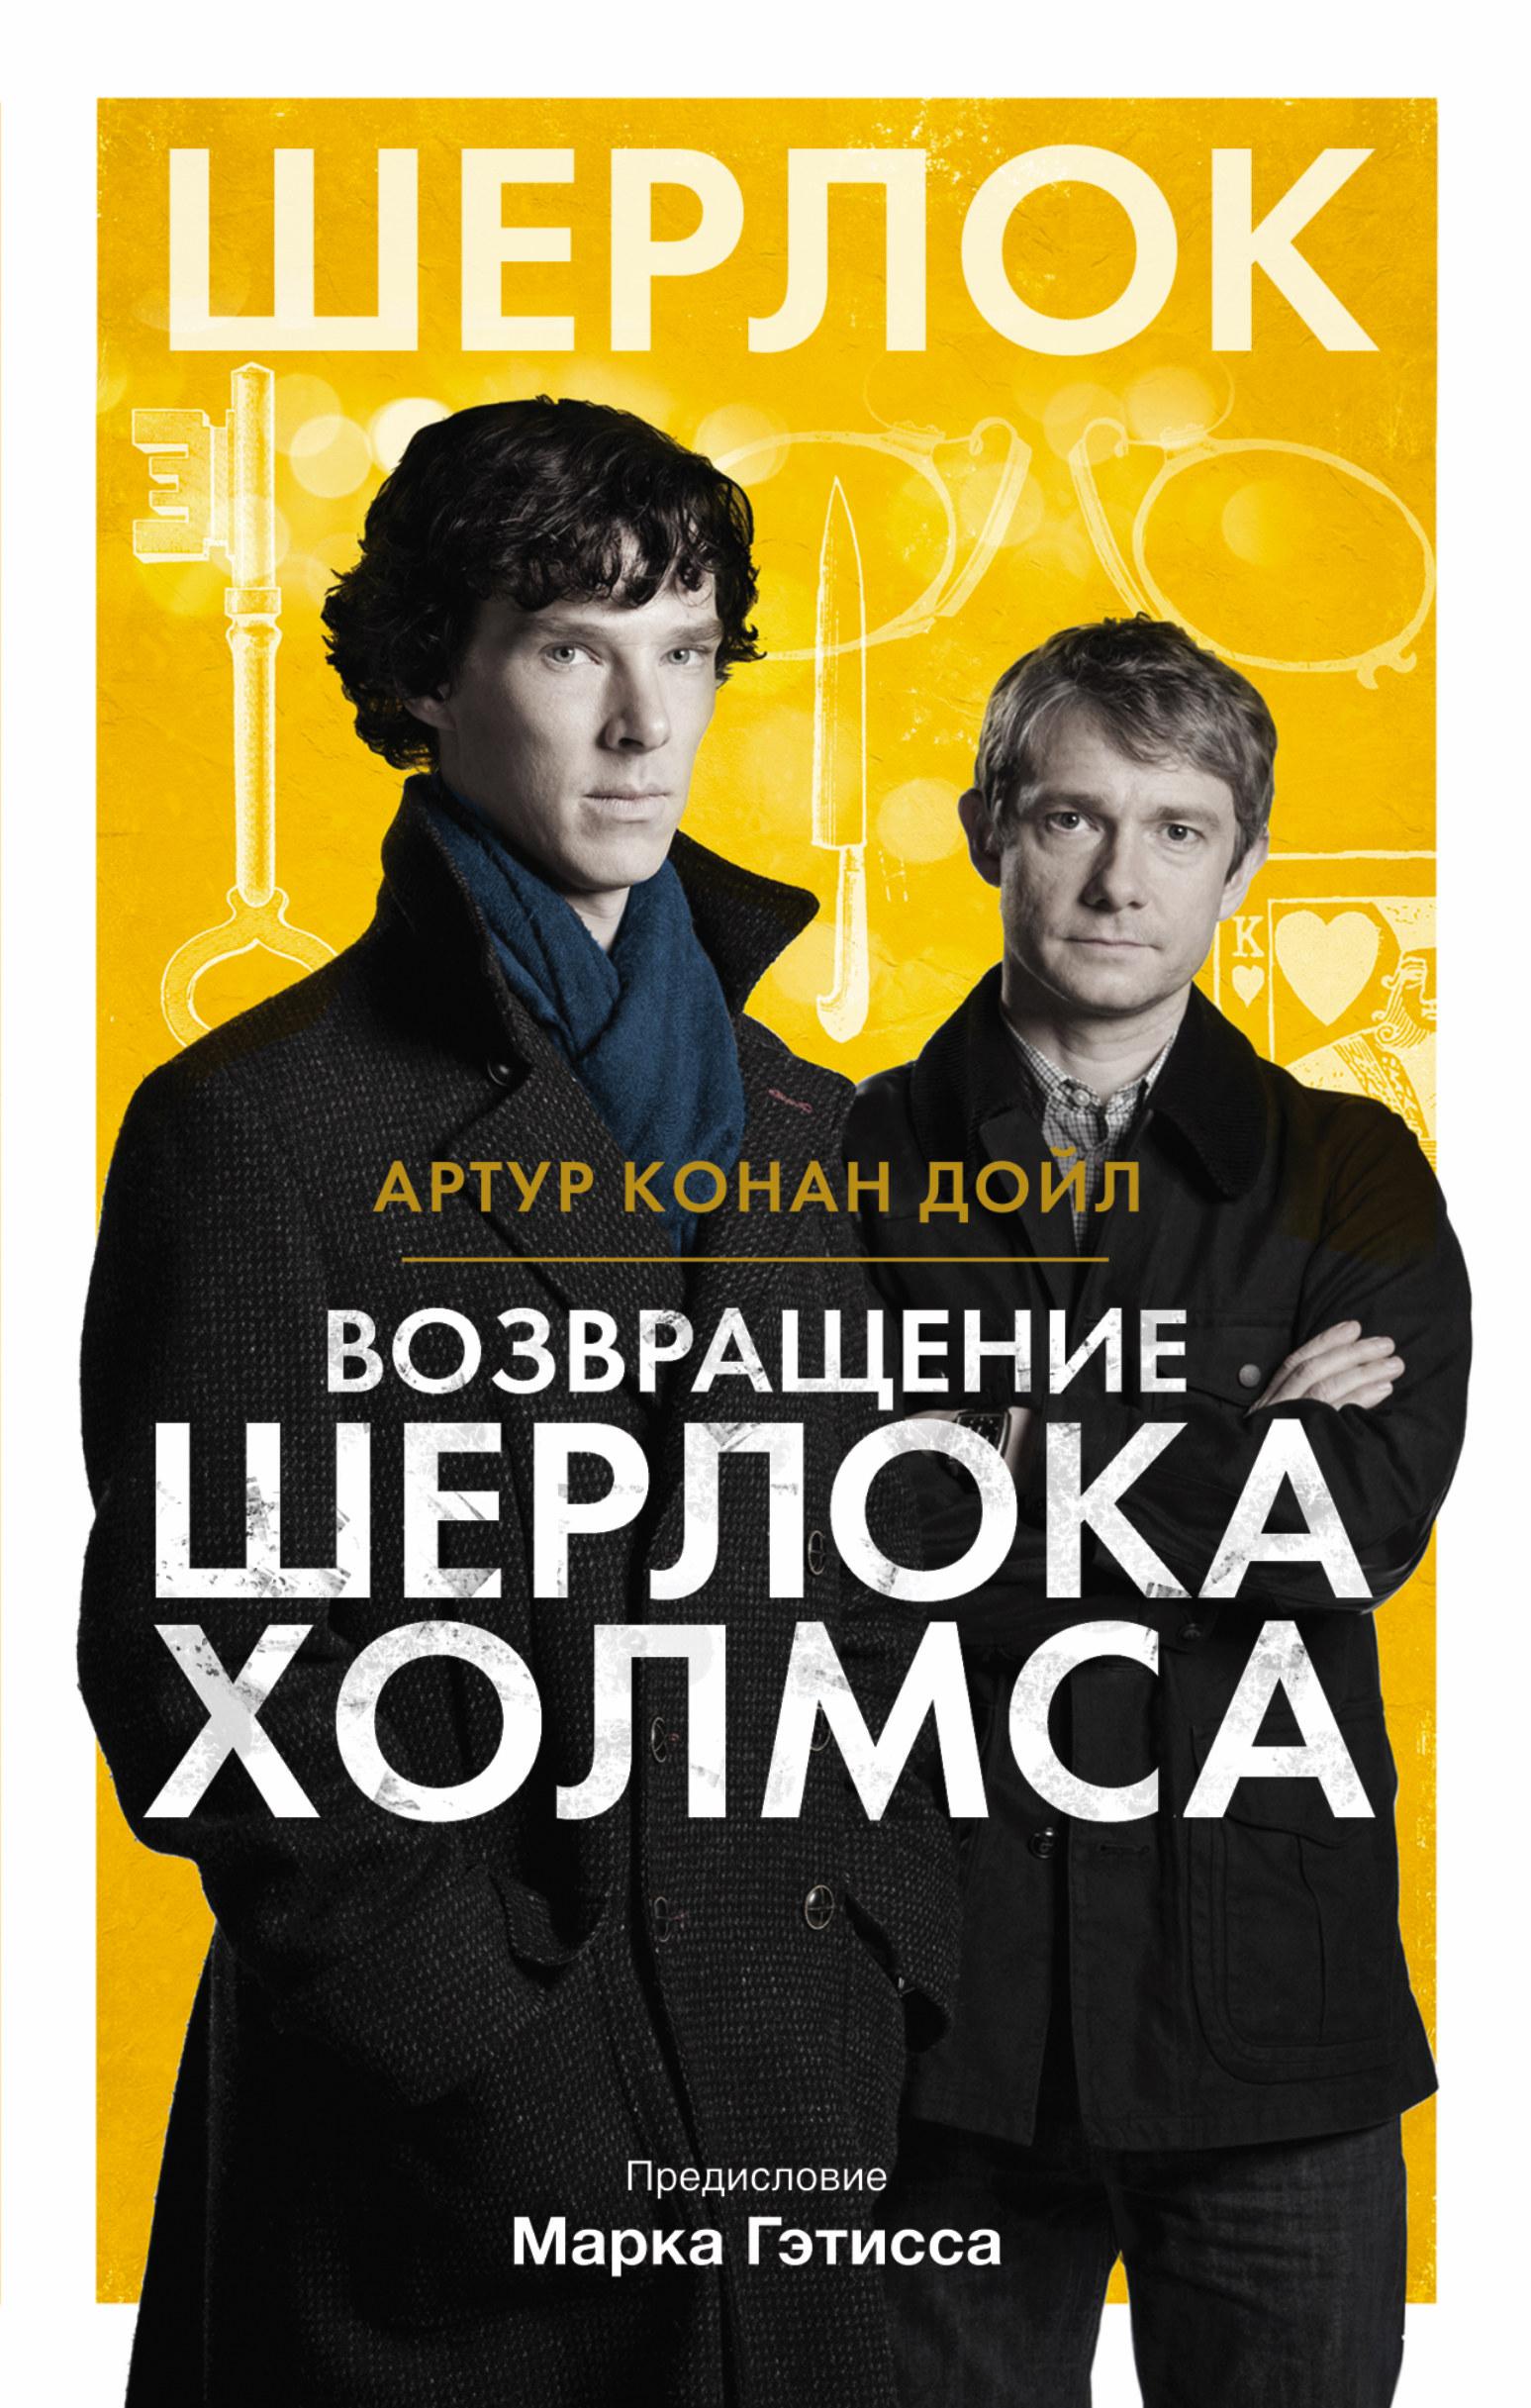 Дойл А.К. Возвращение Шерлока Холмса